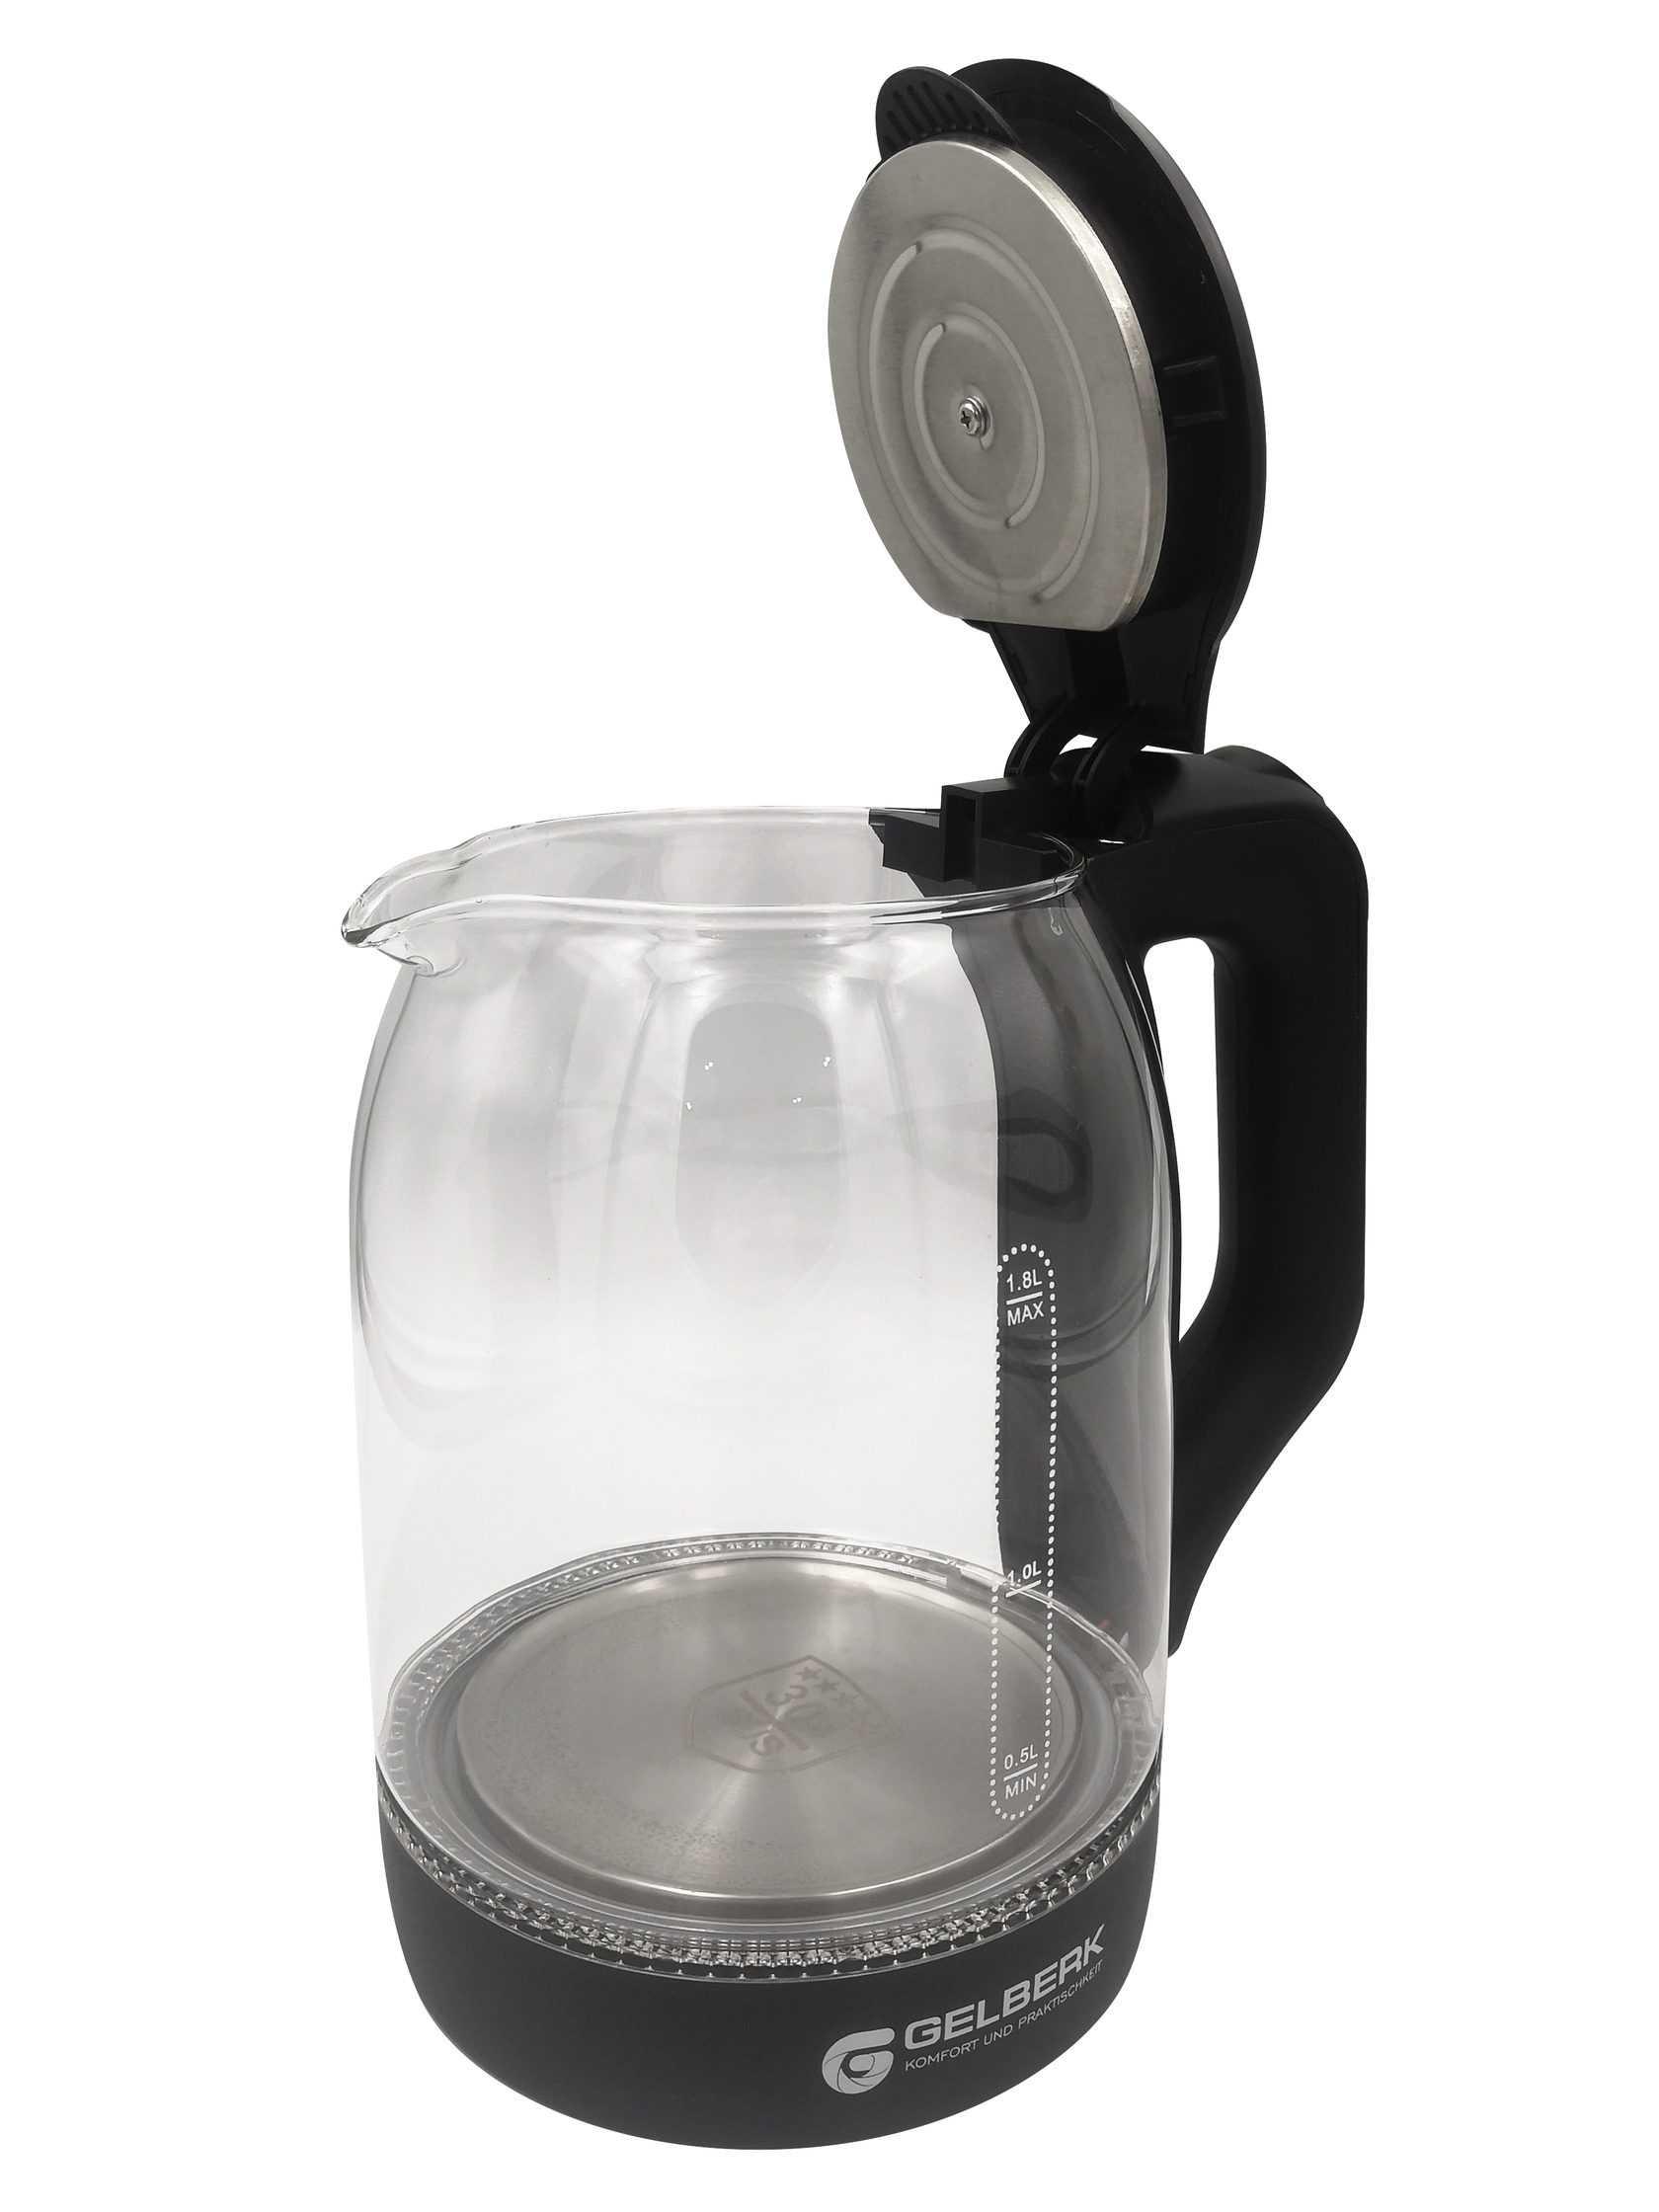 Как выбрать электрический чайник: какой лучше? отзывы и рейтинг | современные и модные кухни